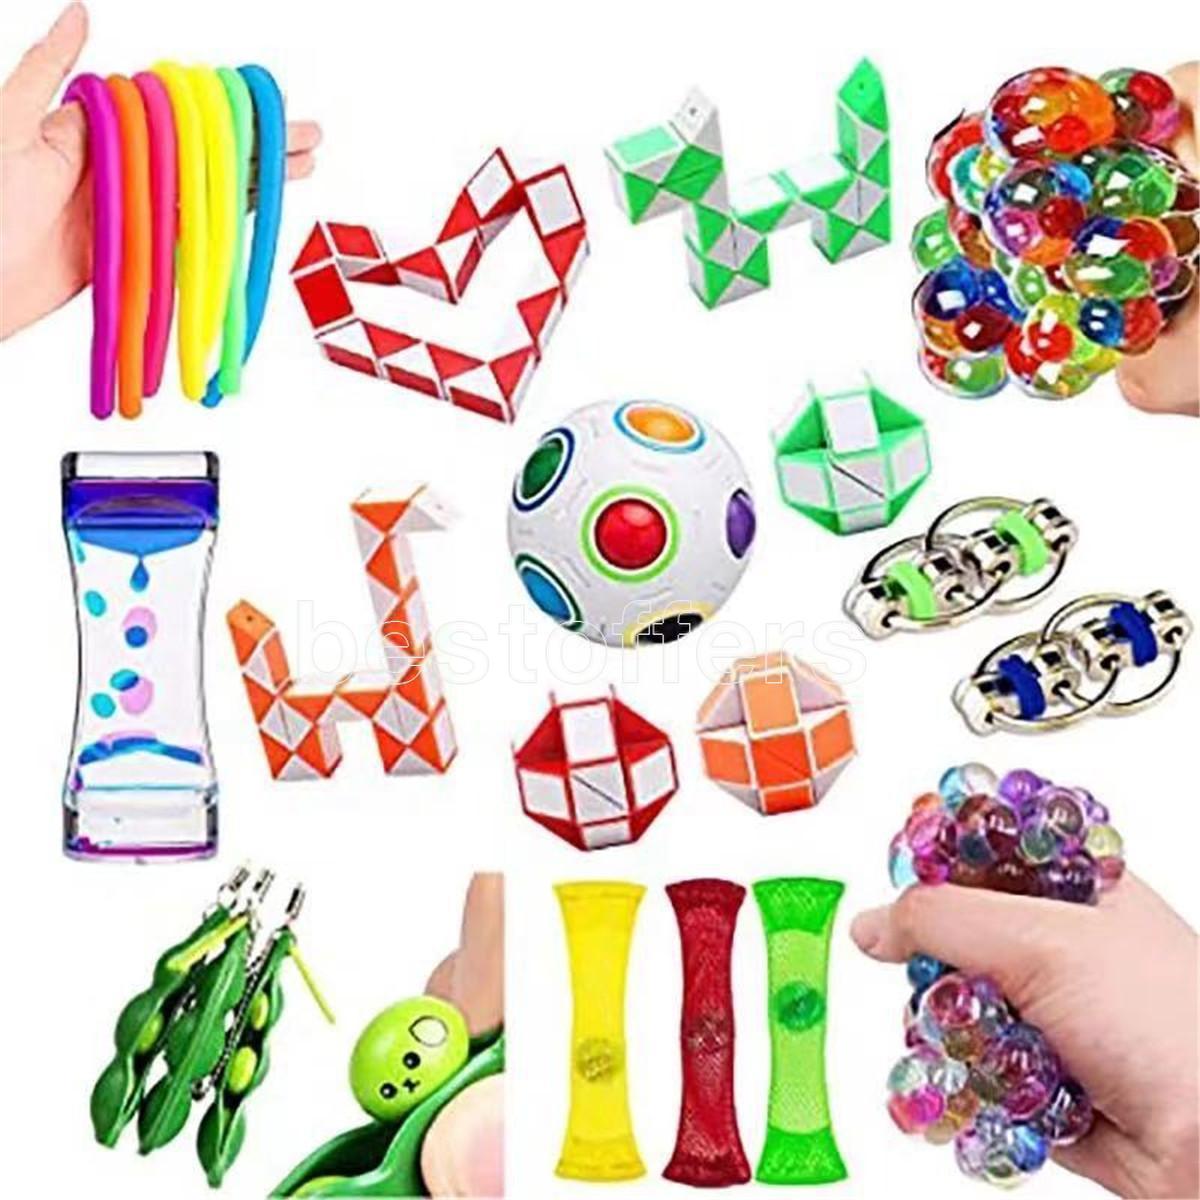 Juego de juguetes sensoriales de barcos rápidos, alivia el estrés y la ansiedad Fidget Toy para los niños adultos, el surtido de juguetes especiales para los favores de la fiesta de cumpleaños